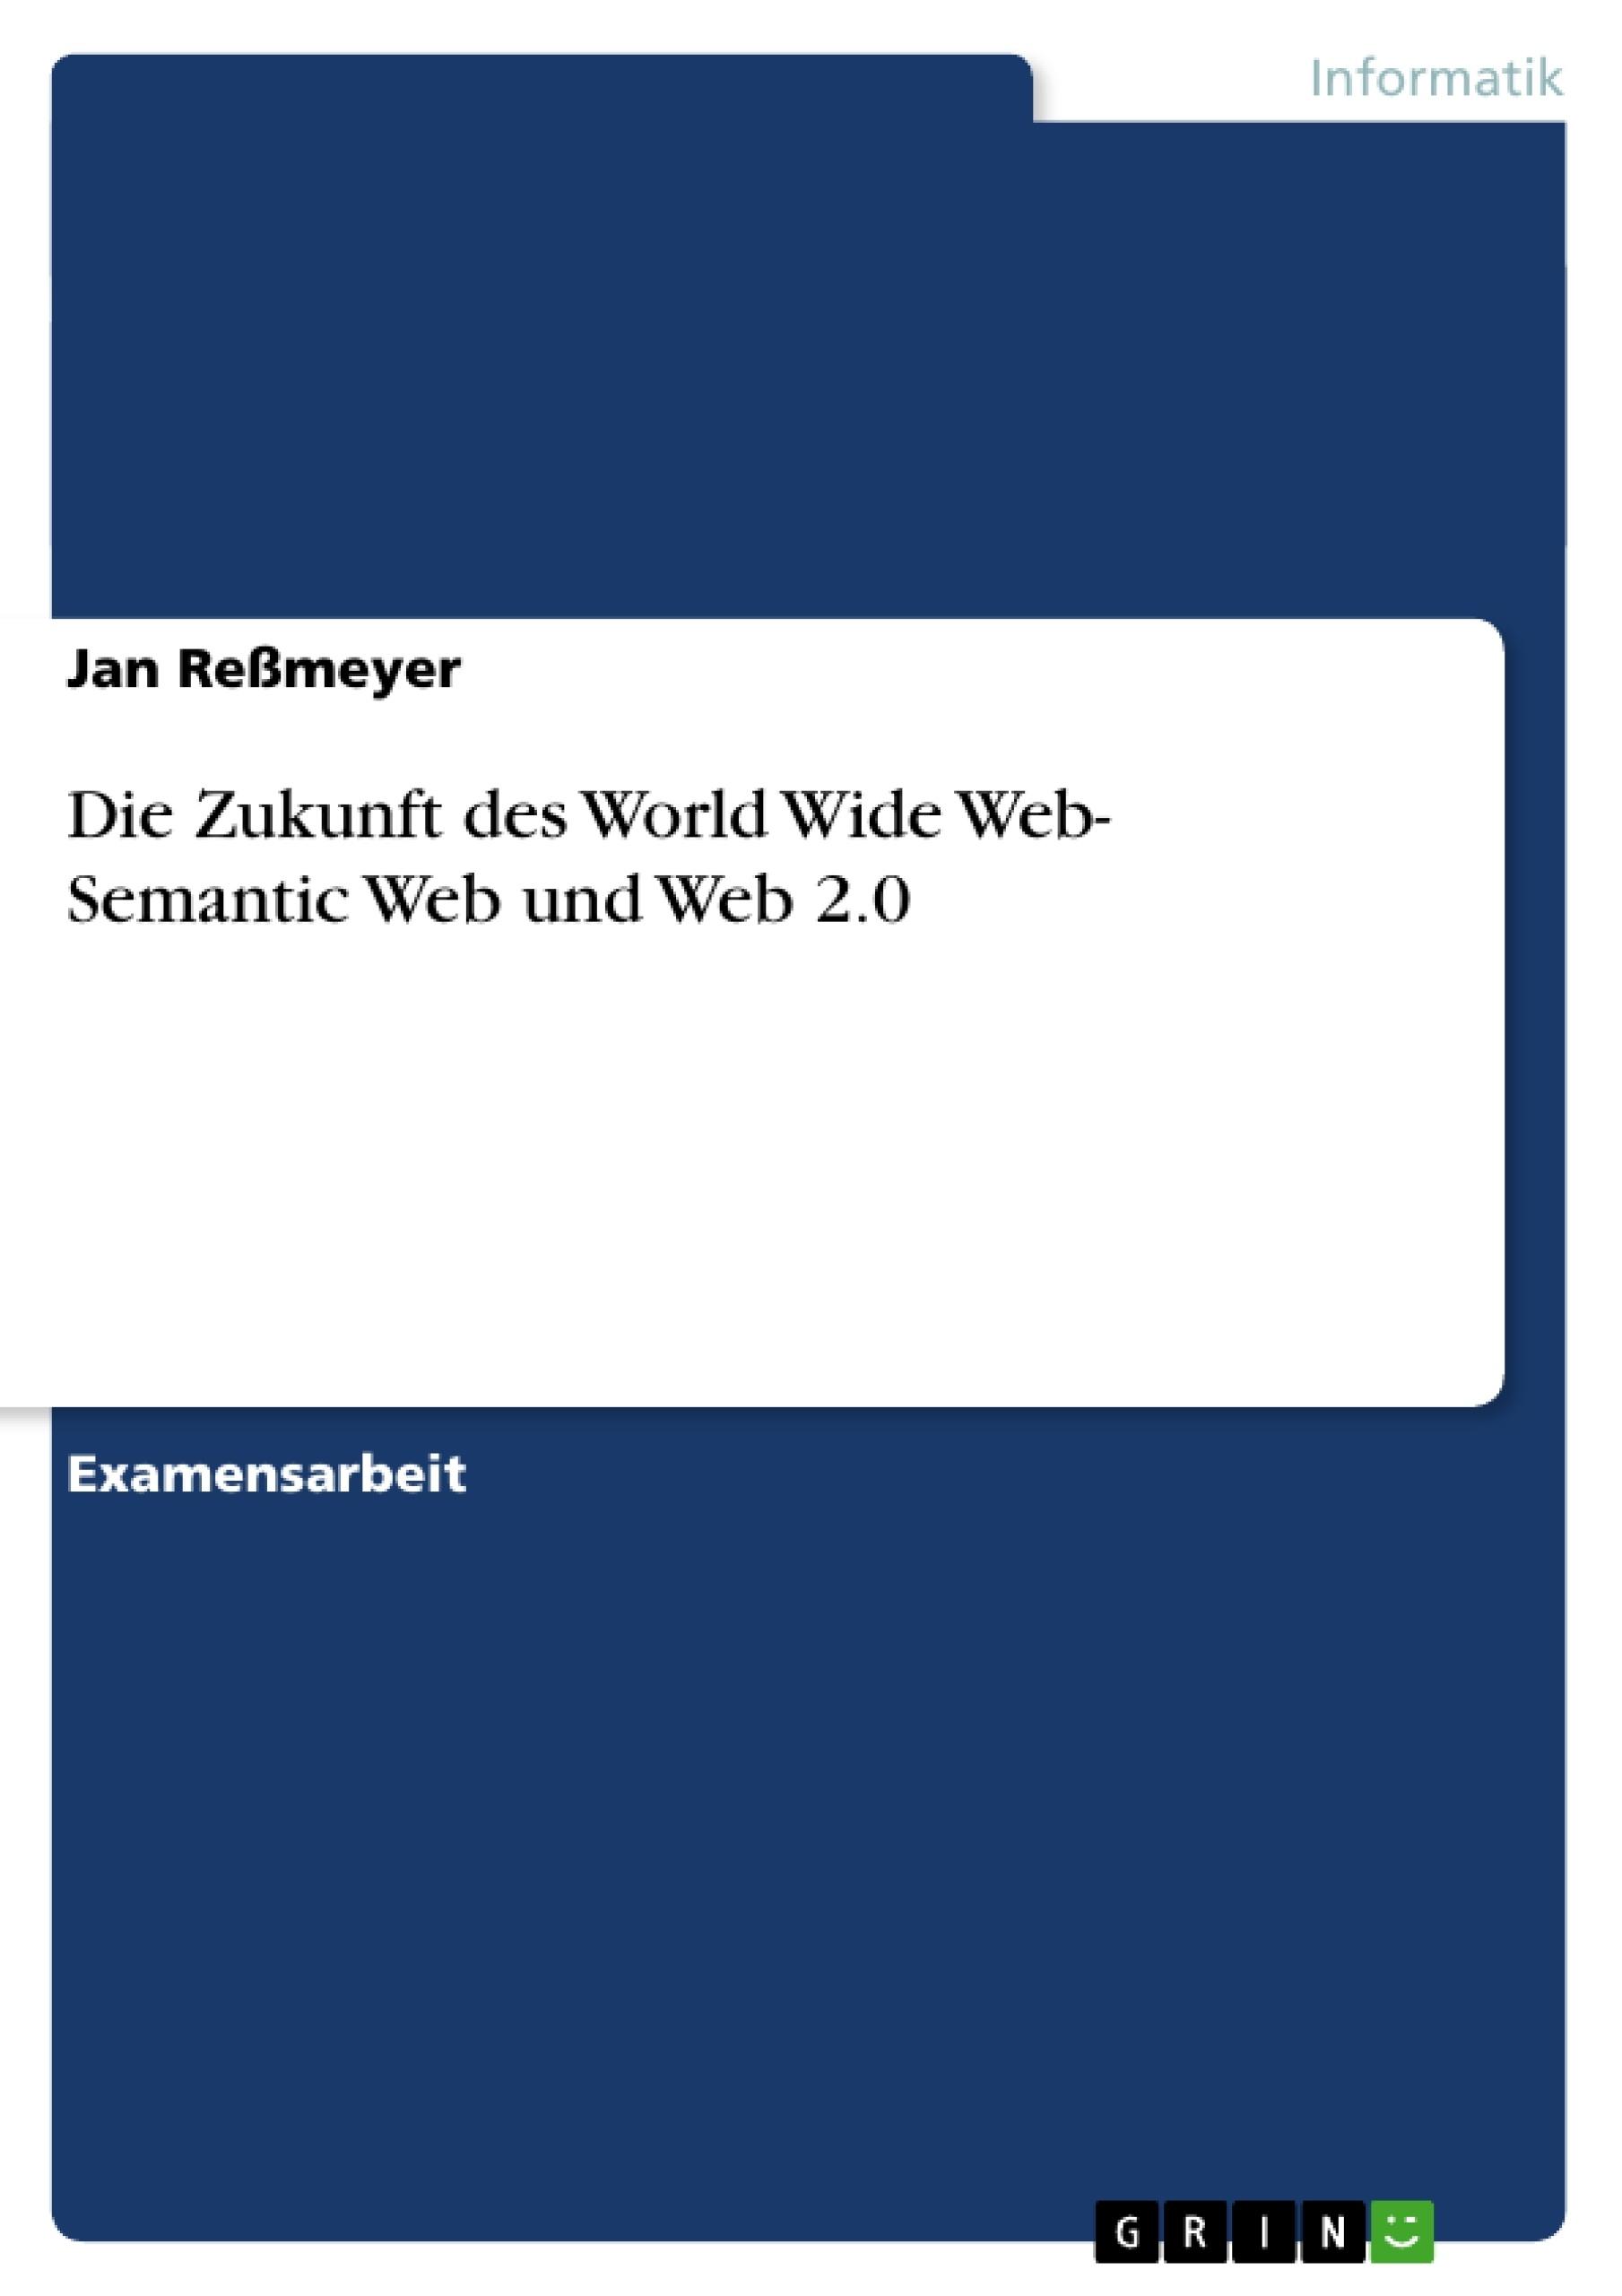 Titel: Die Zukunft des World Wide Web- Semantic Web und Web 2.0